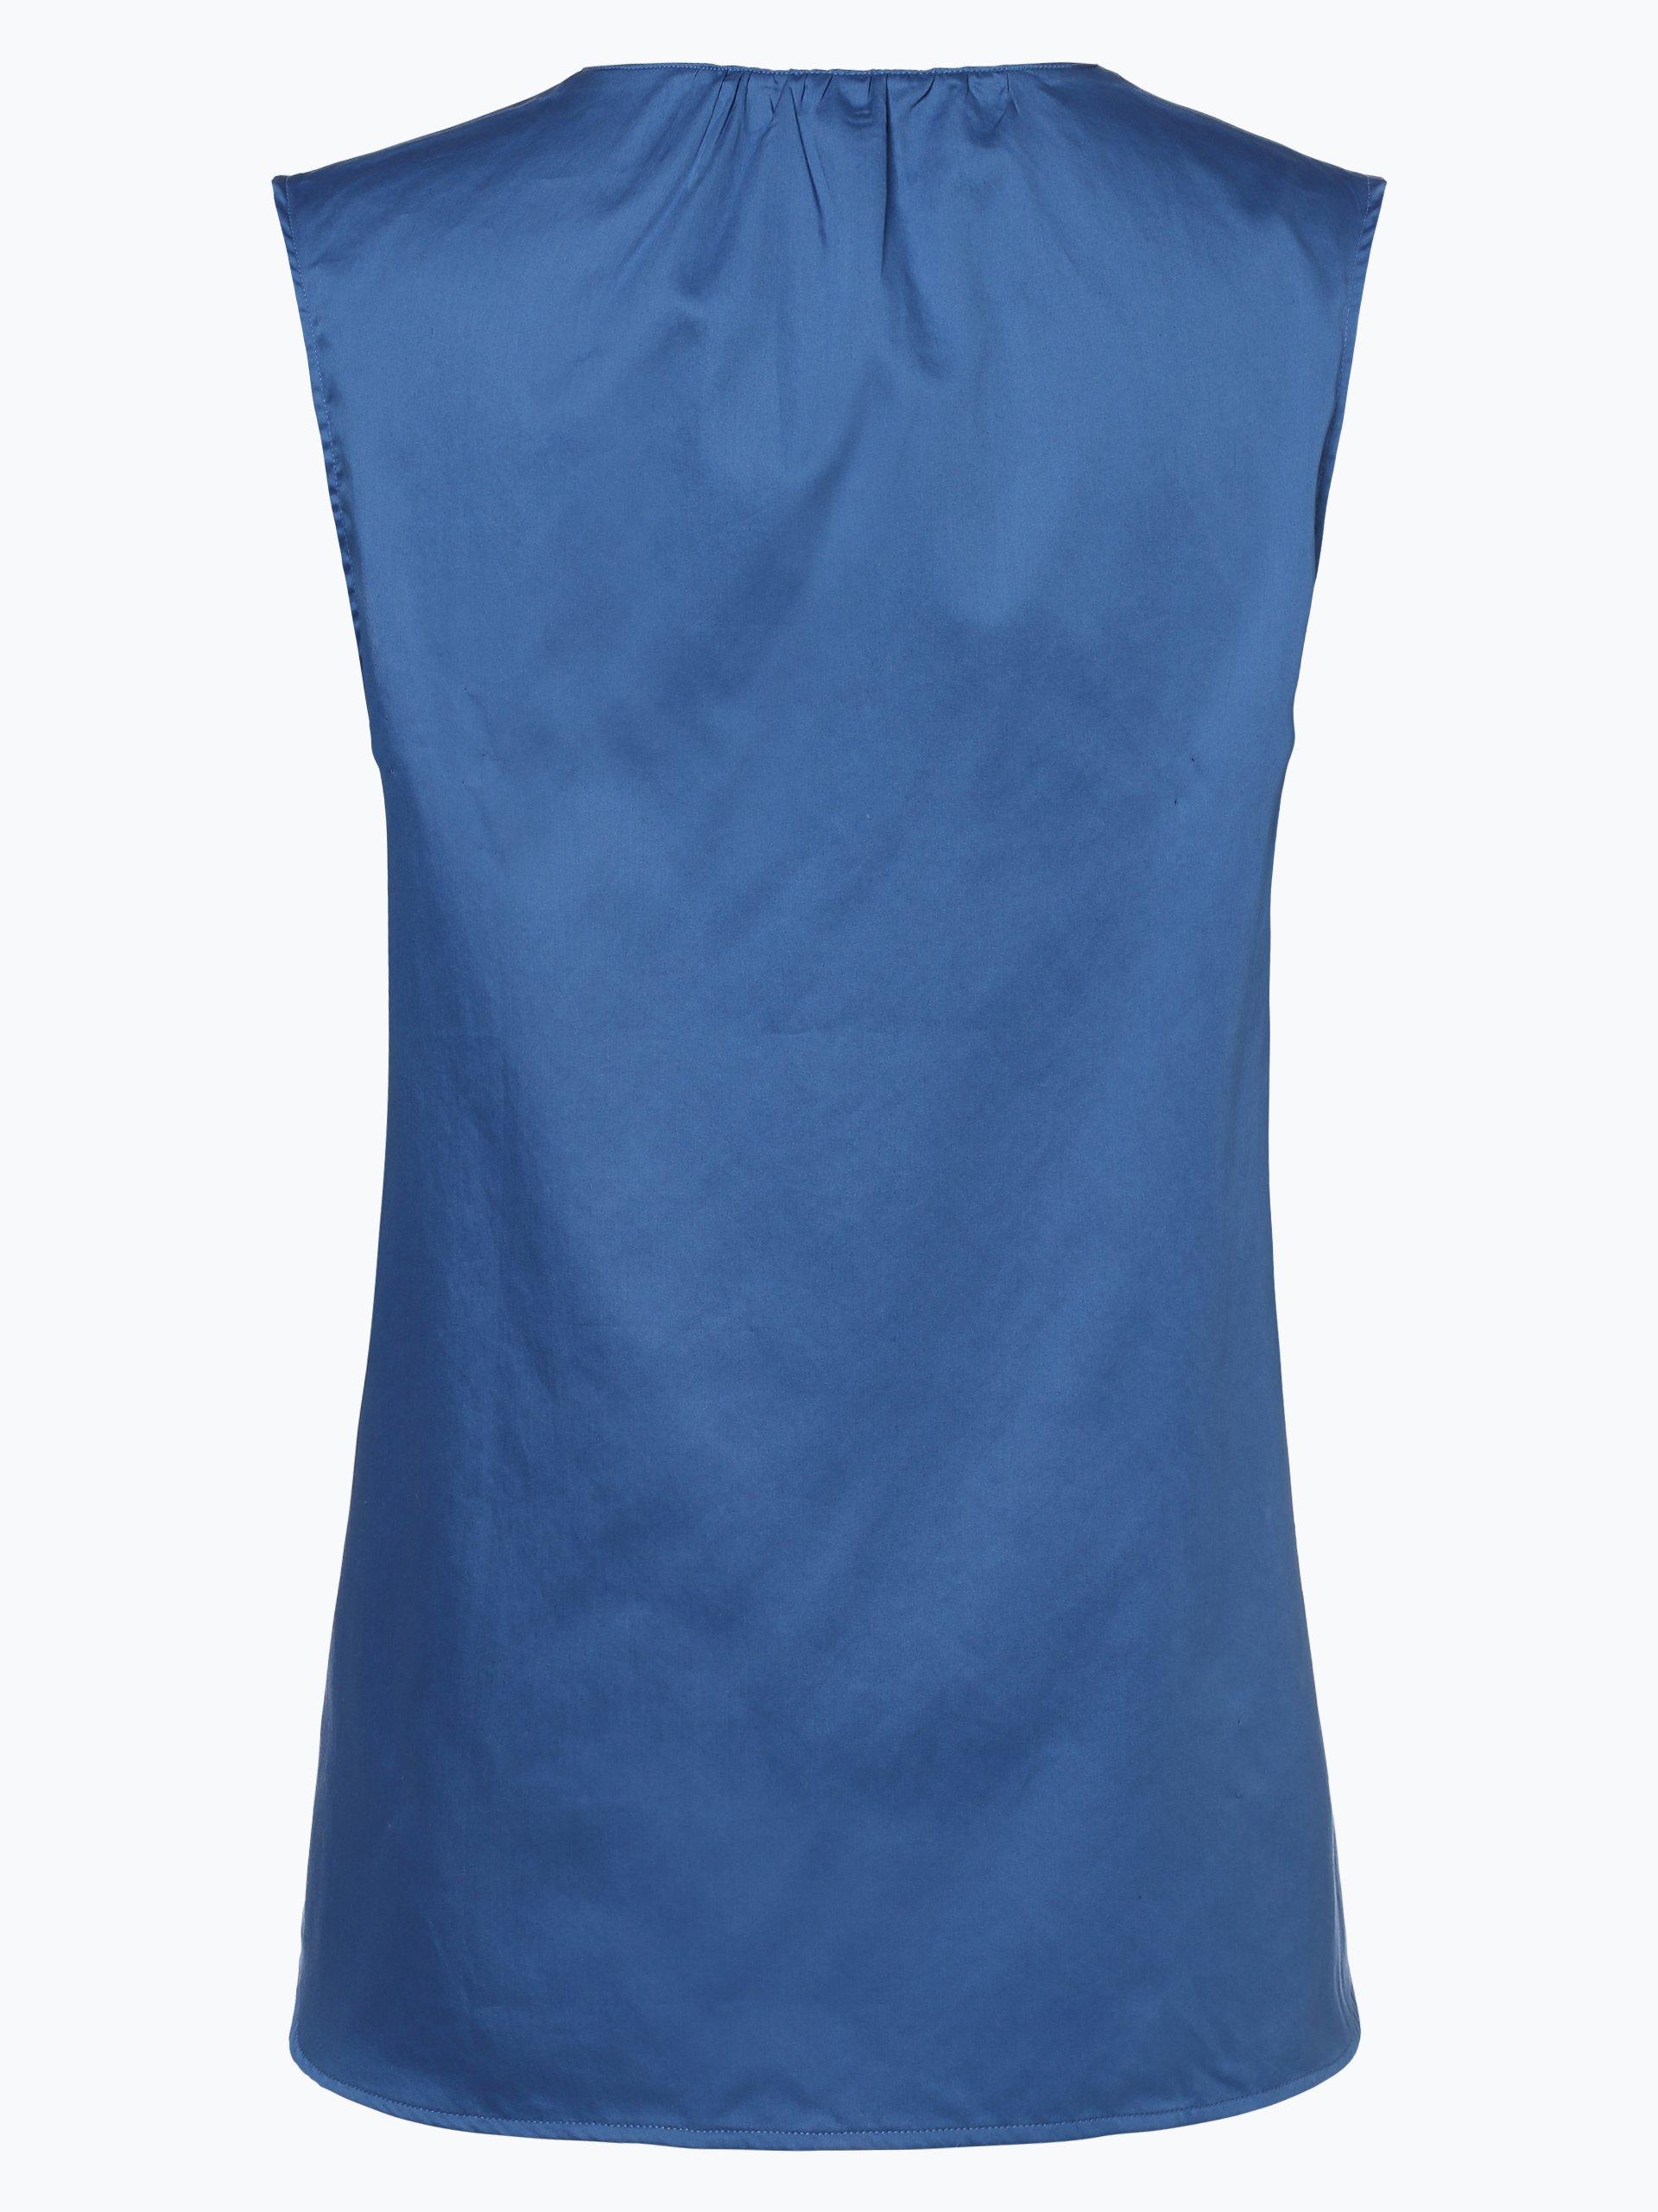 0039 Italy Damska bluzka bez rękawów